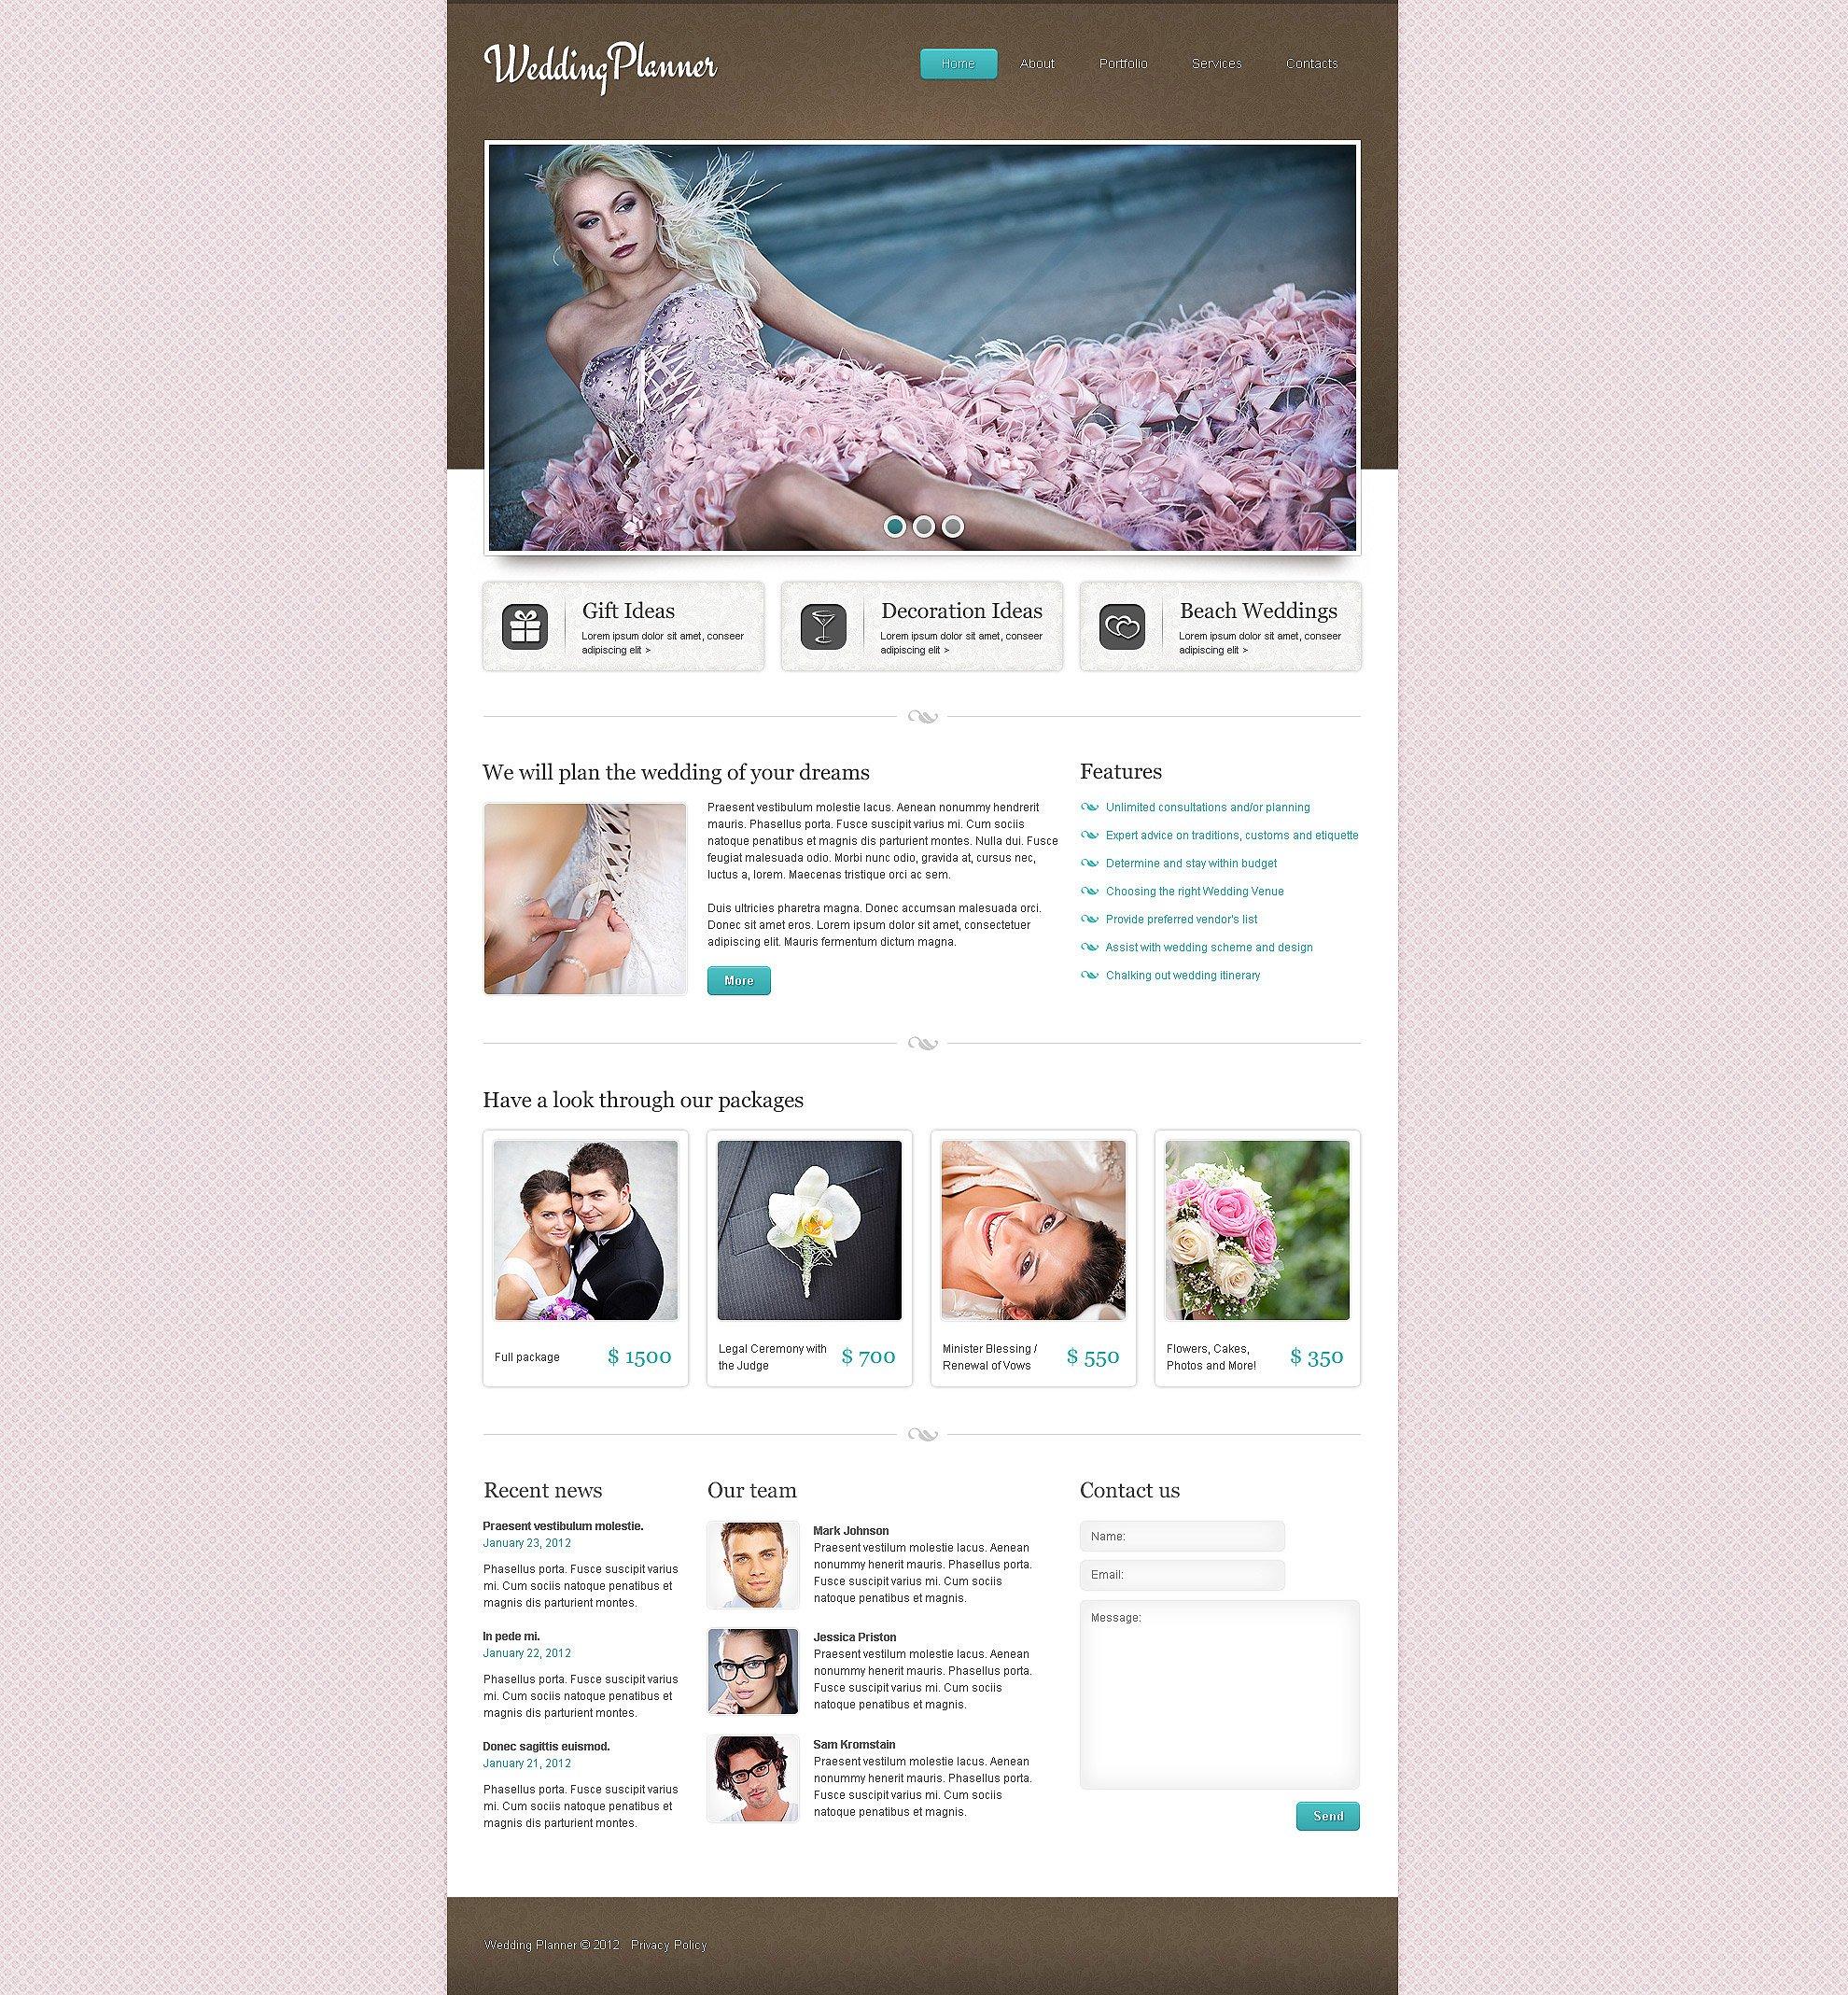 wedding planner website